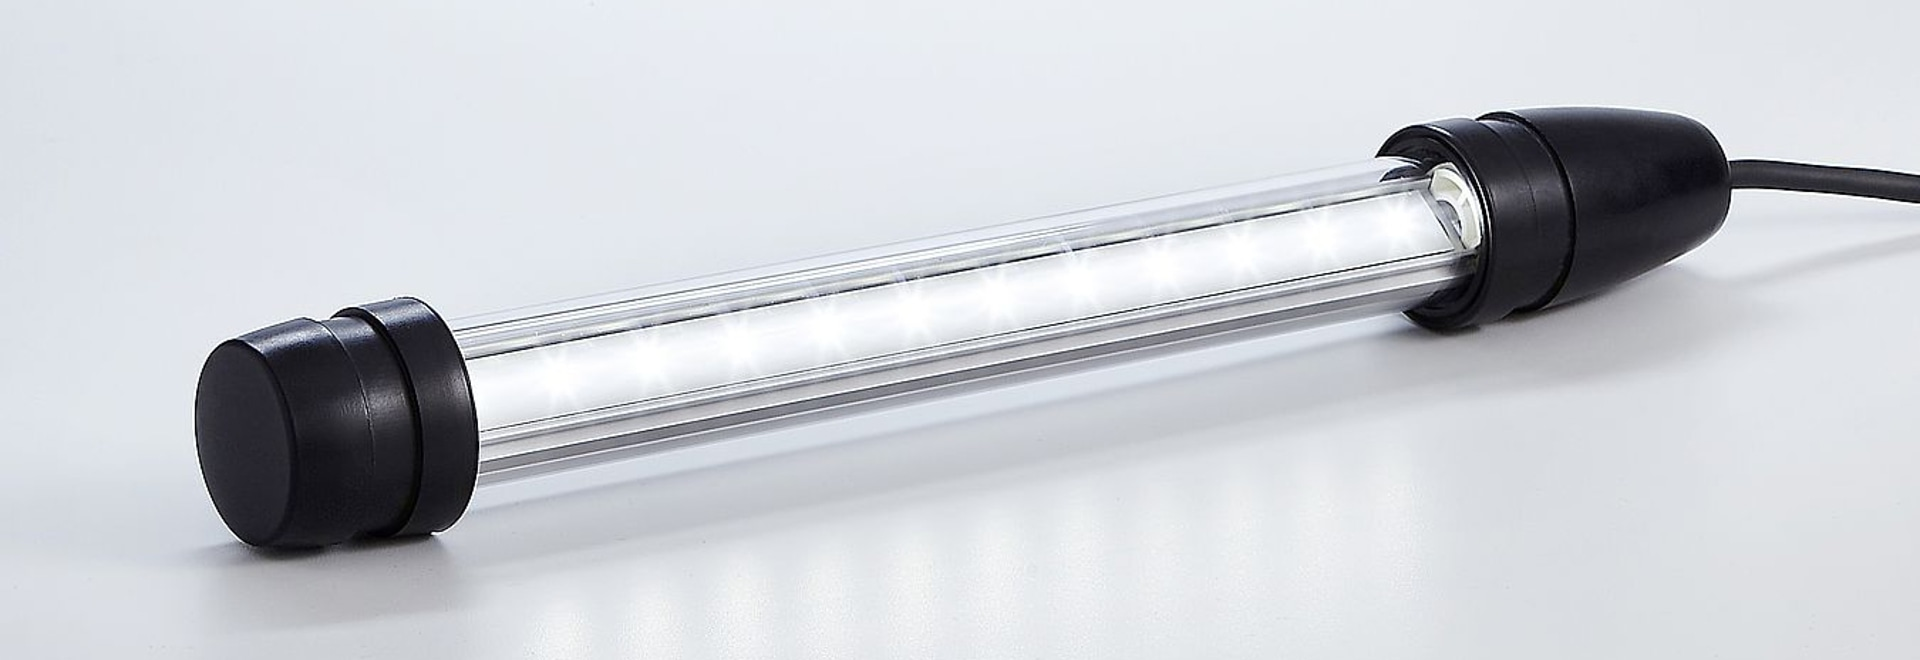 Robuste LED-Rohrleuchten von R. STAHL mit geringem Gewicht